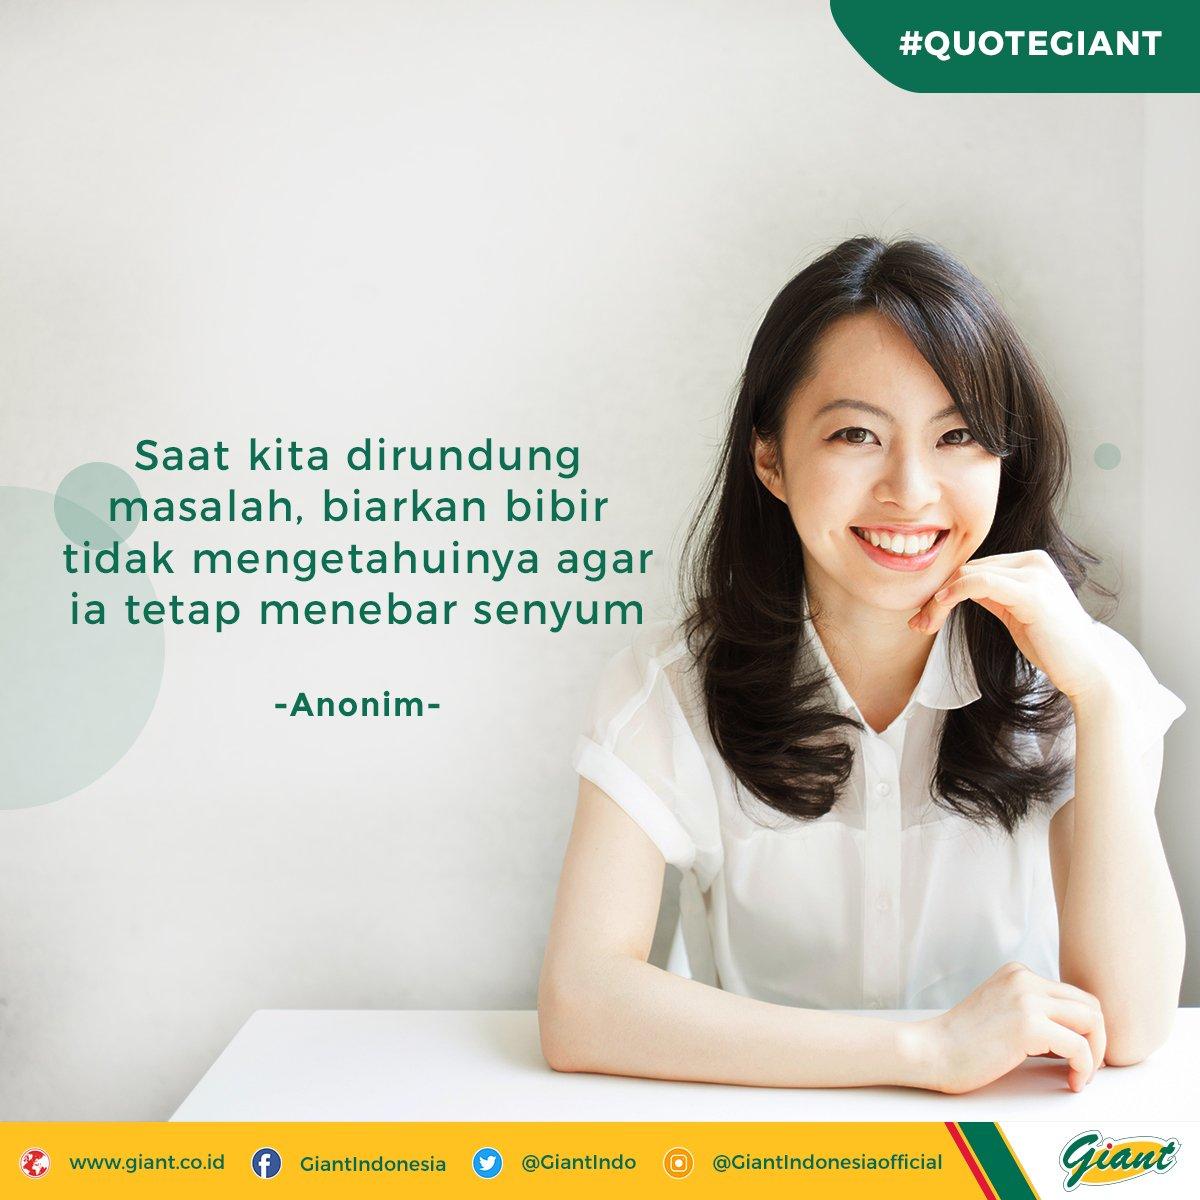 Jangan biarkan masalah membuat senyuman menjadi redup! #QuoteGiant #GiantIndonesia #KeceSetiapHari